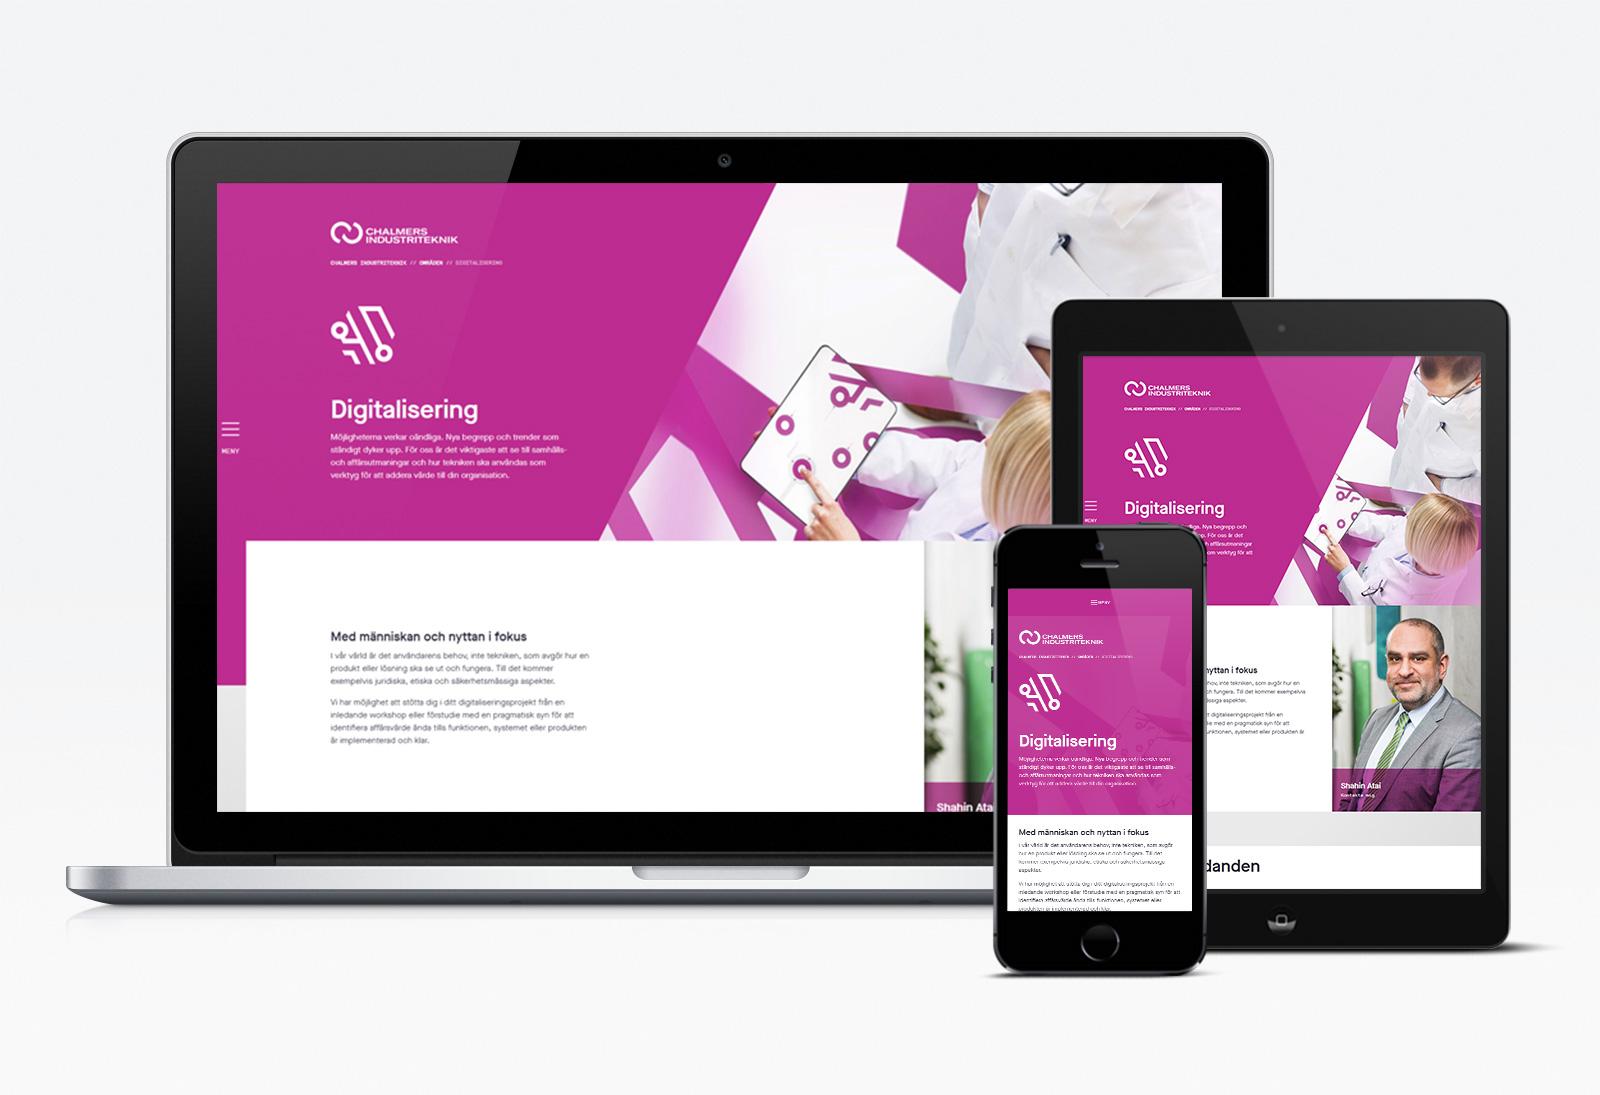 Webbvy: Digitalisering